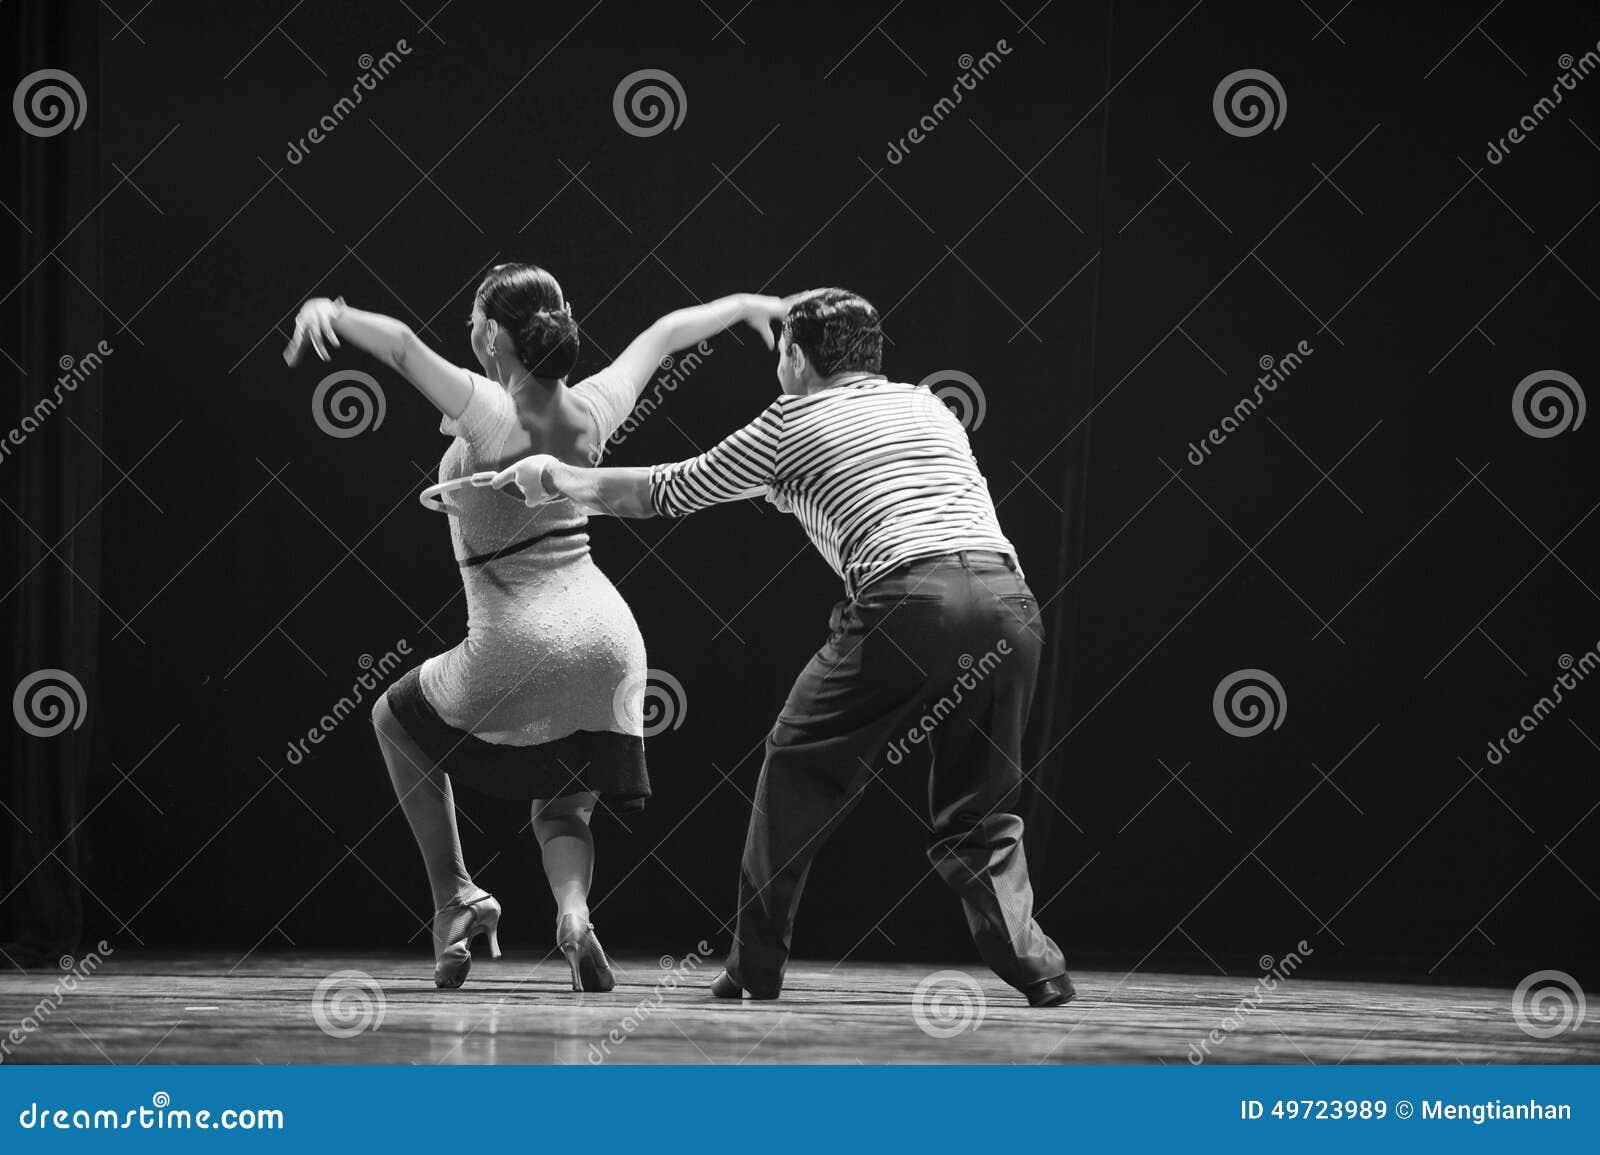 A dance step